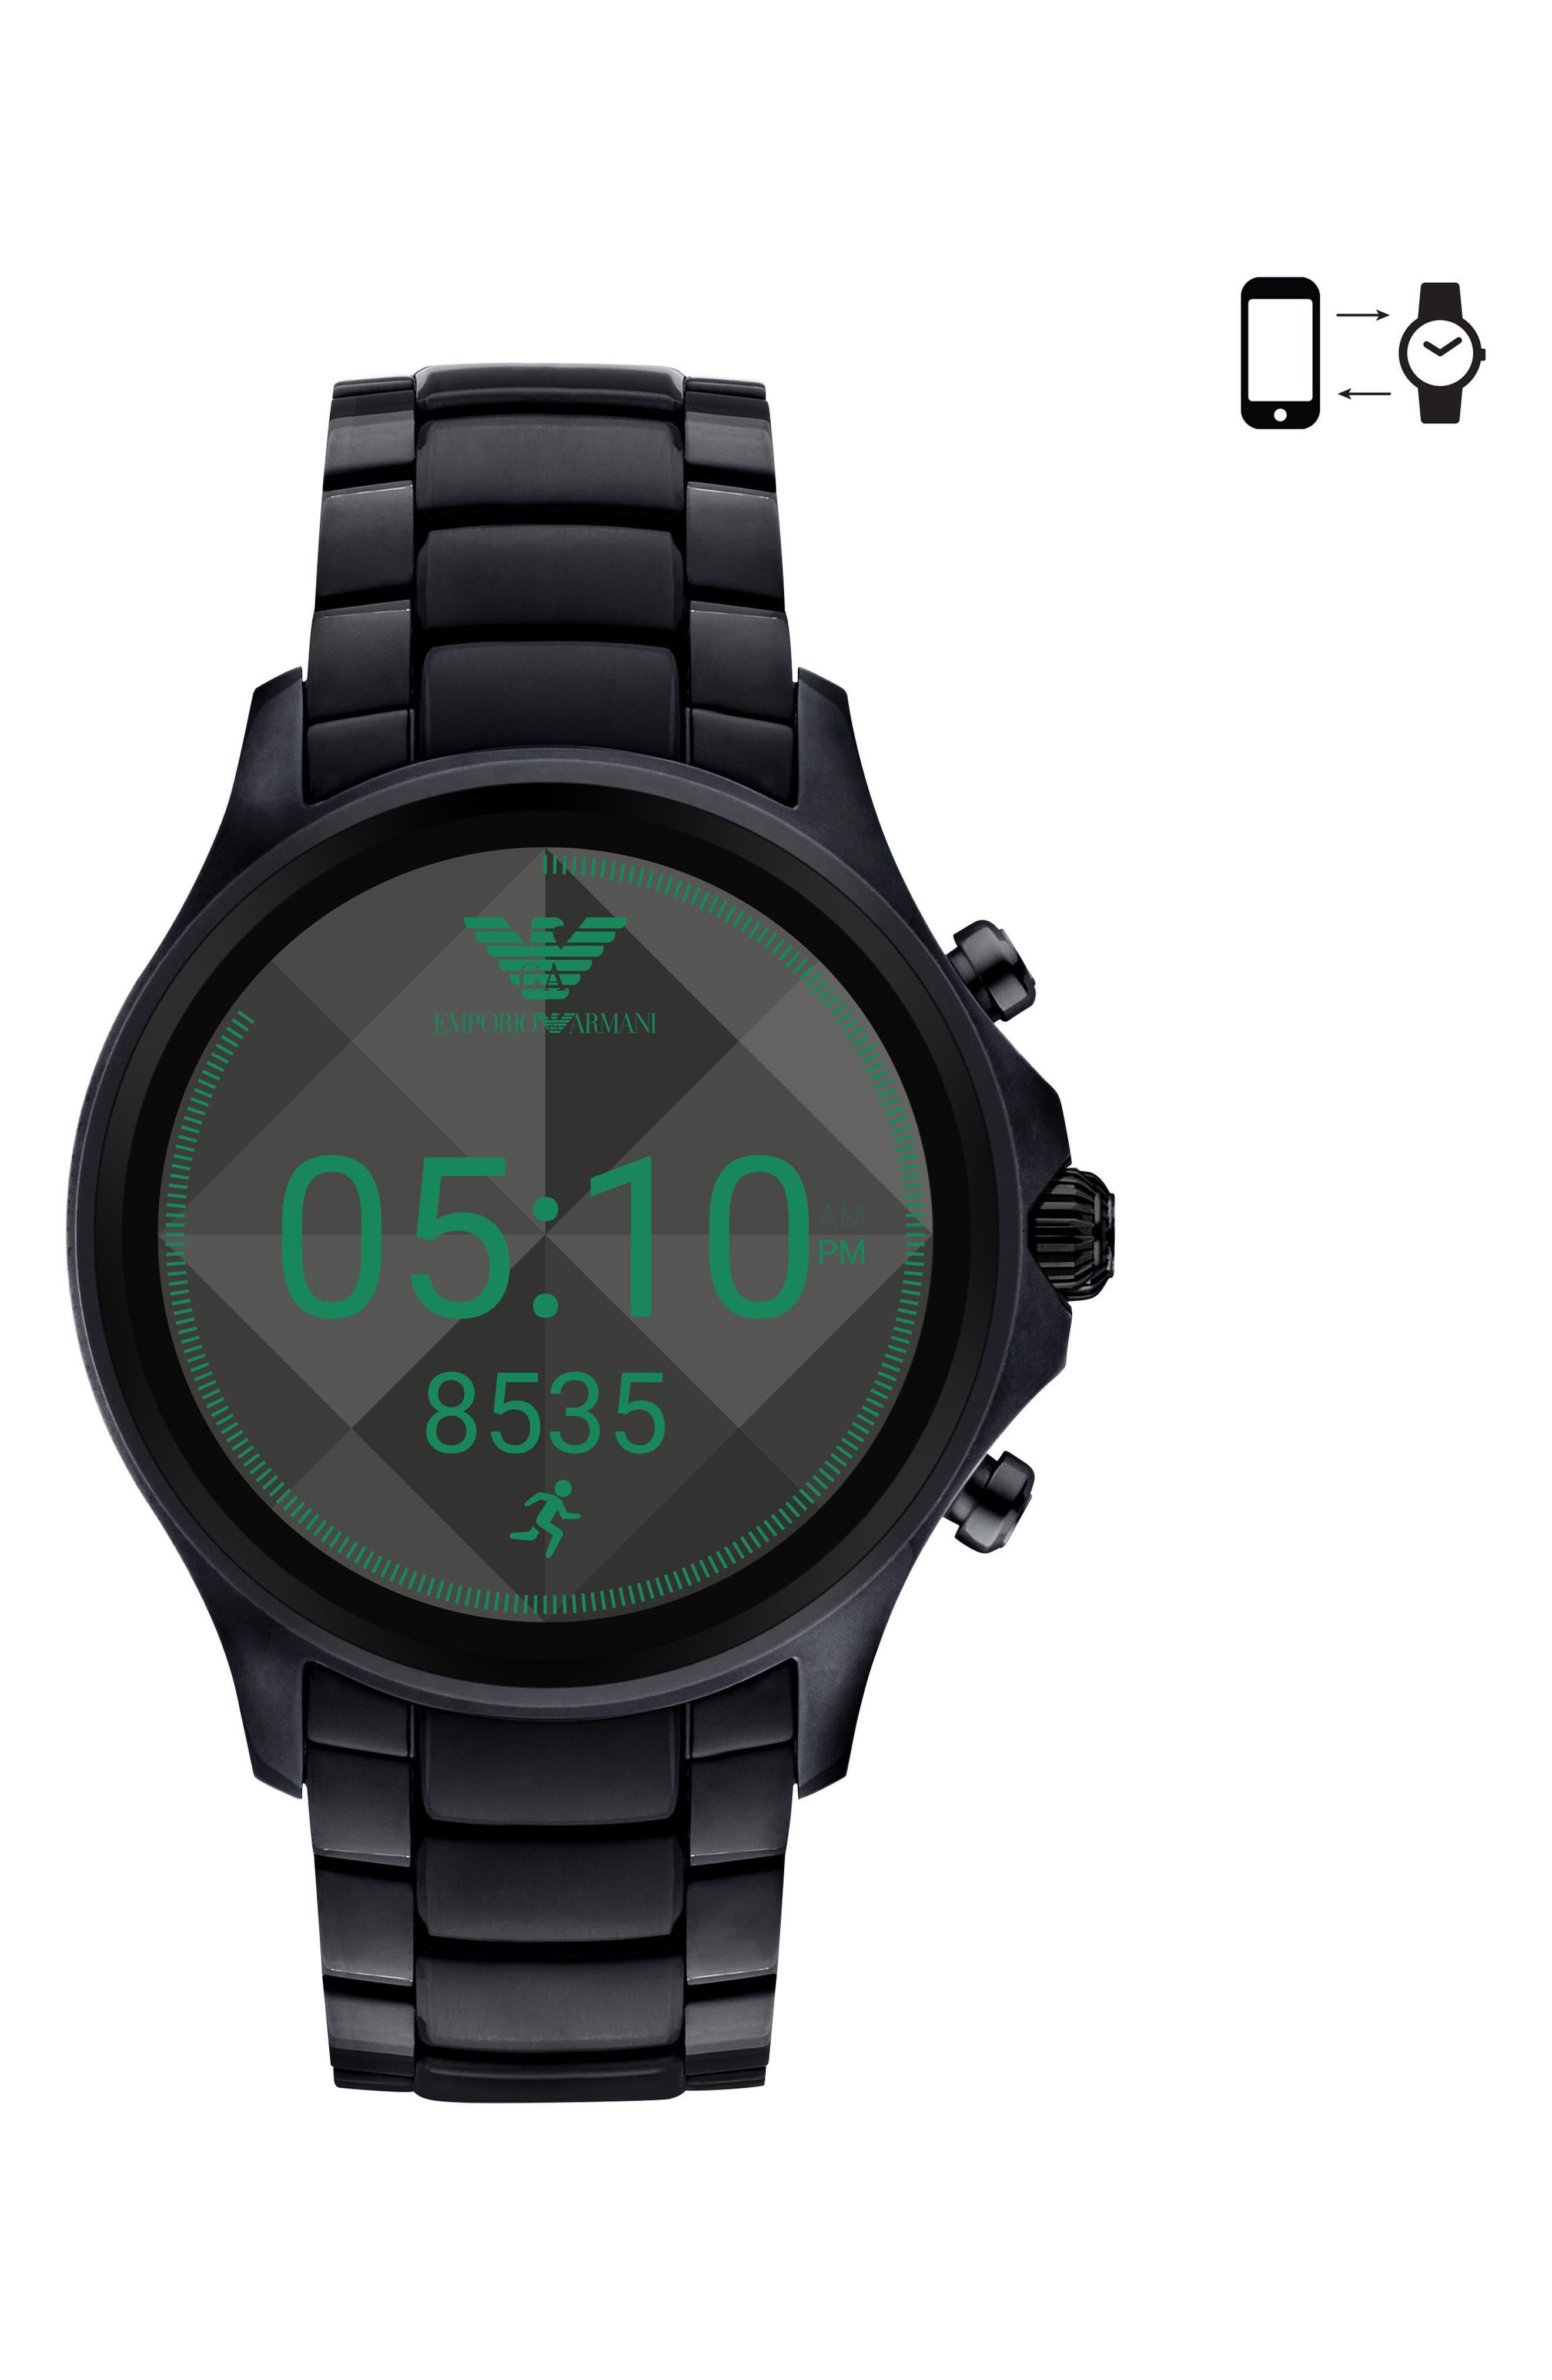 Touchscreen Bracelet Smartwatch, 46mm,                             Main thumbnail 1, color,                             Black/ Black